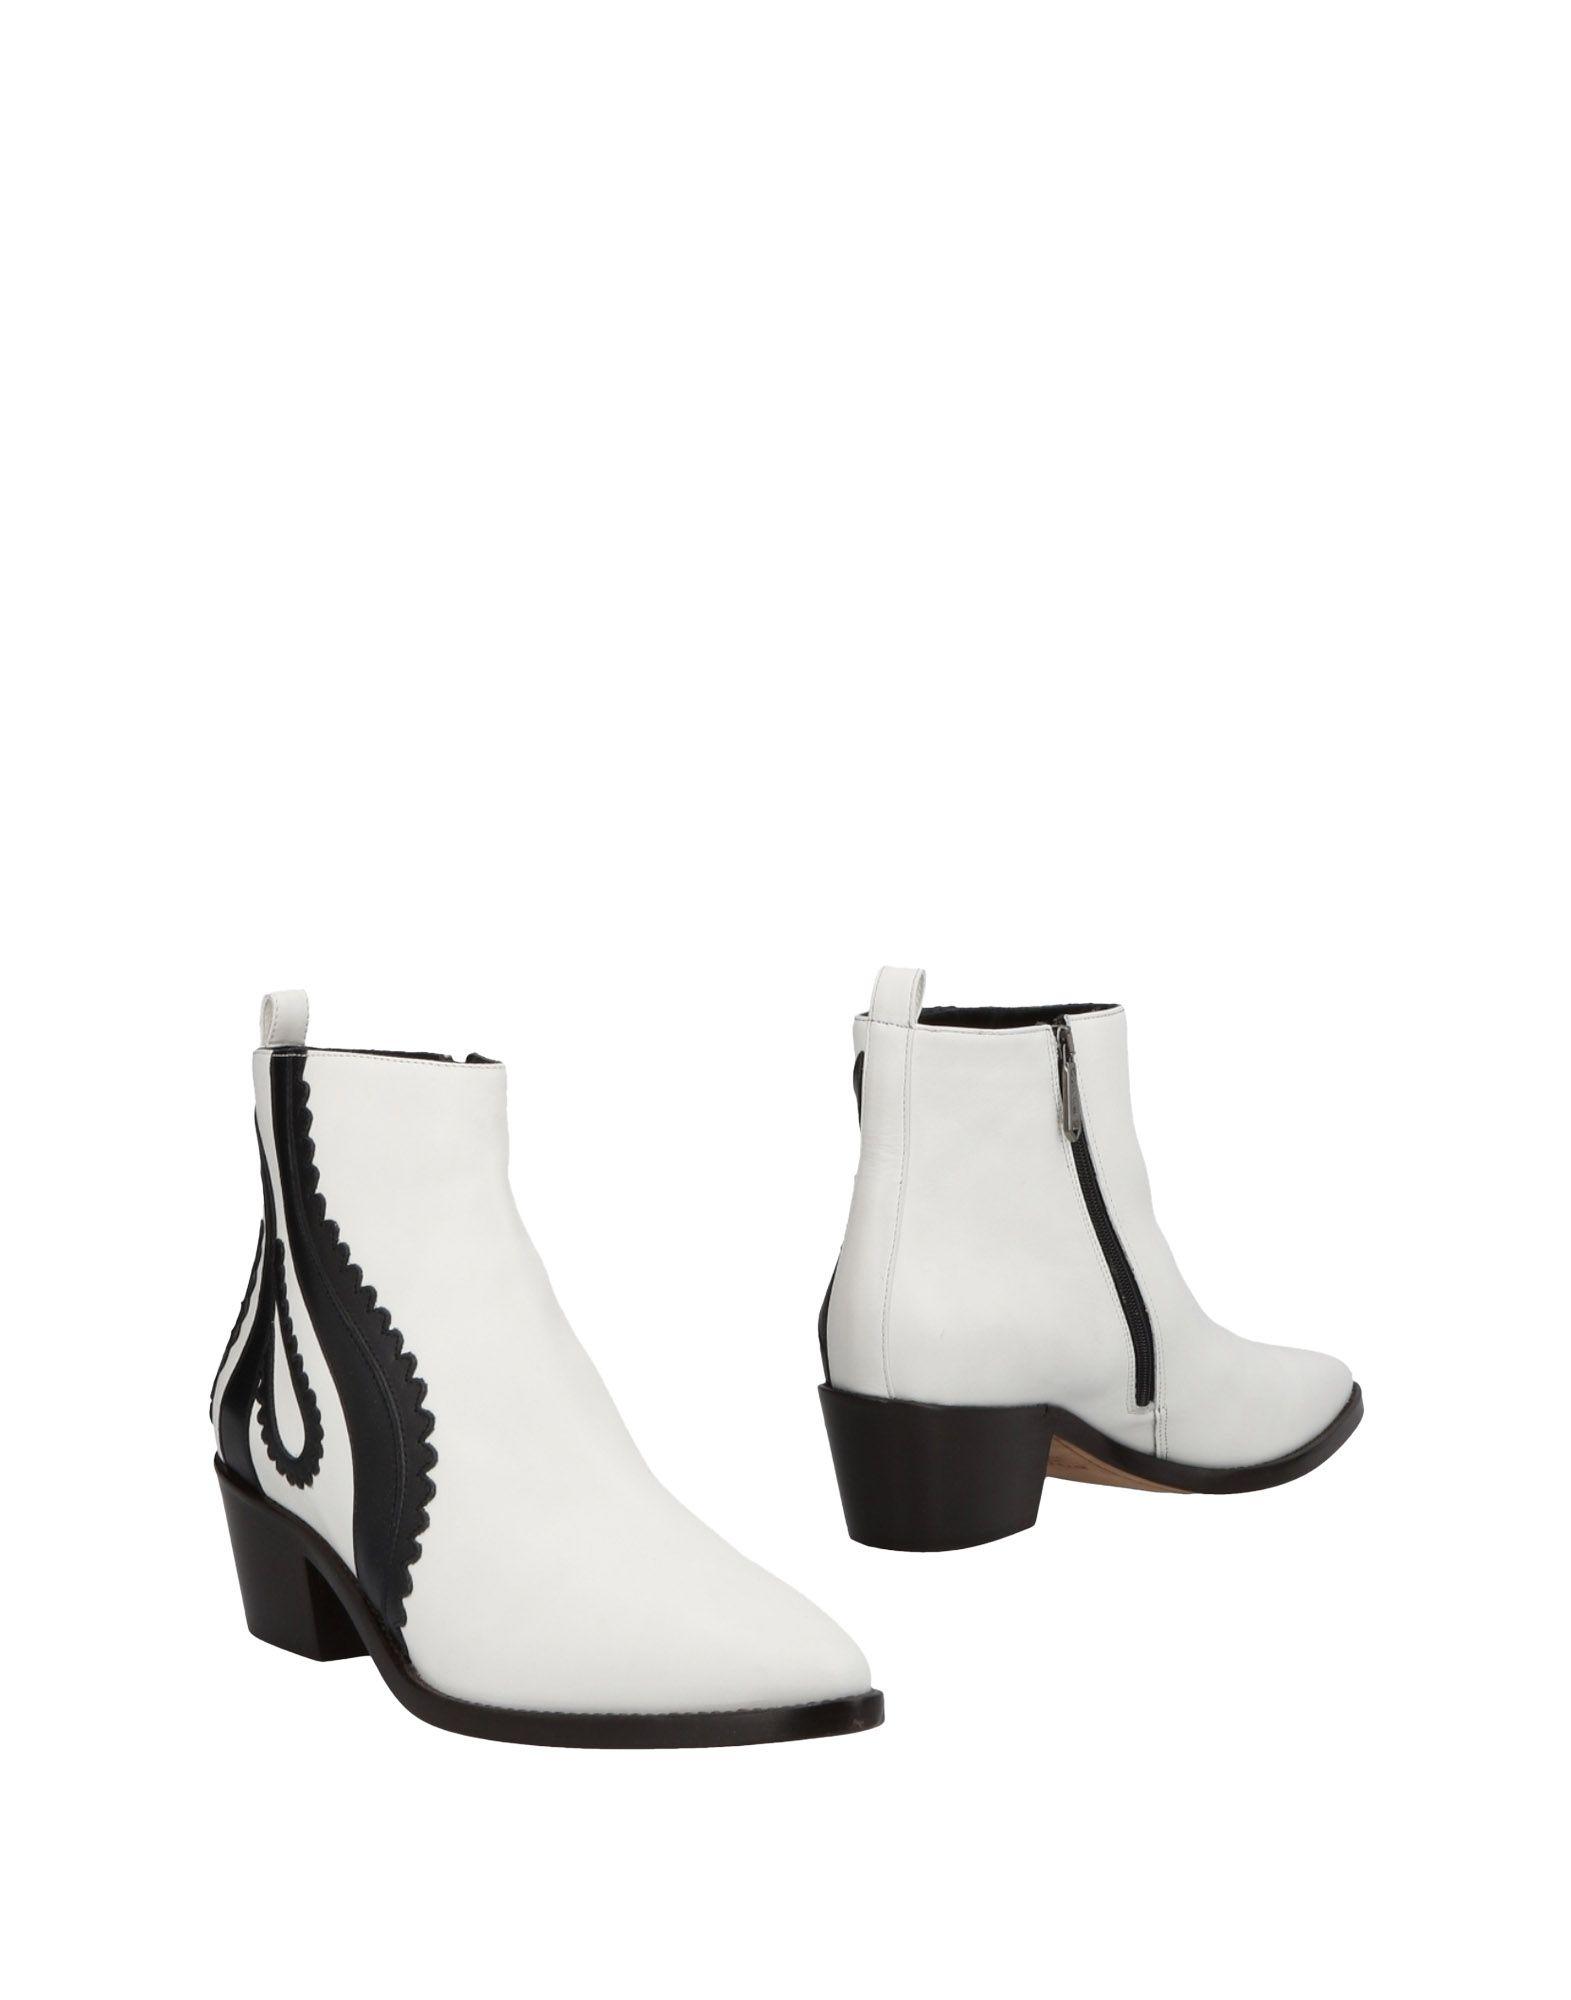 《送料無料》PINKO レディース ショートブーツ ホワイト 35 牛革(カーフ)